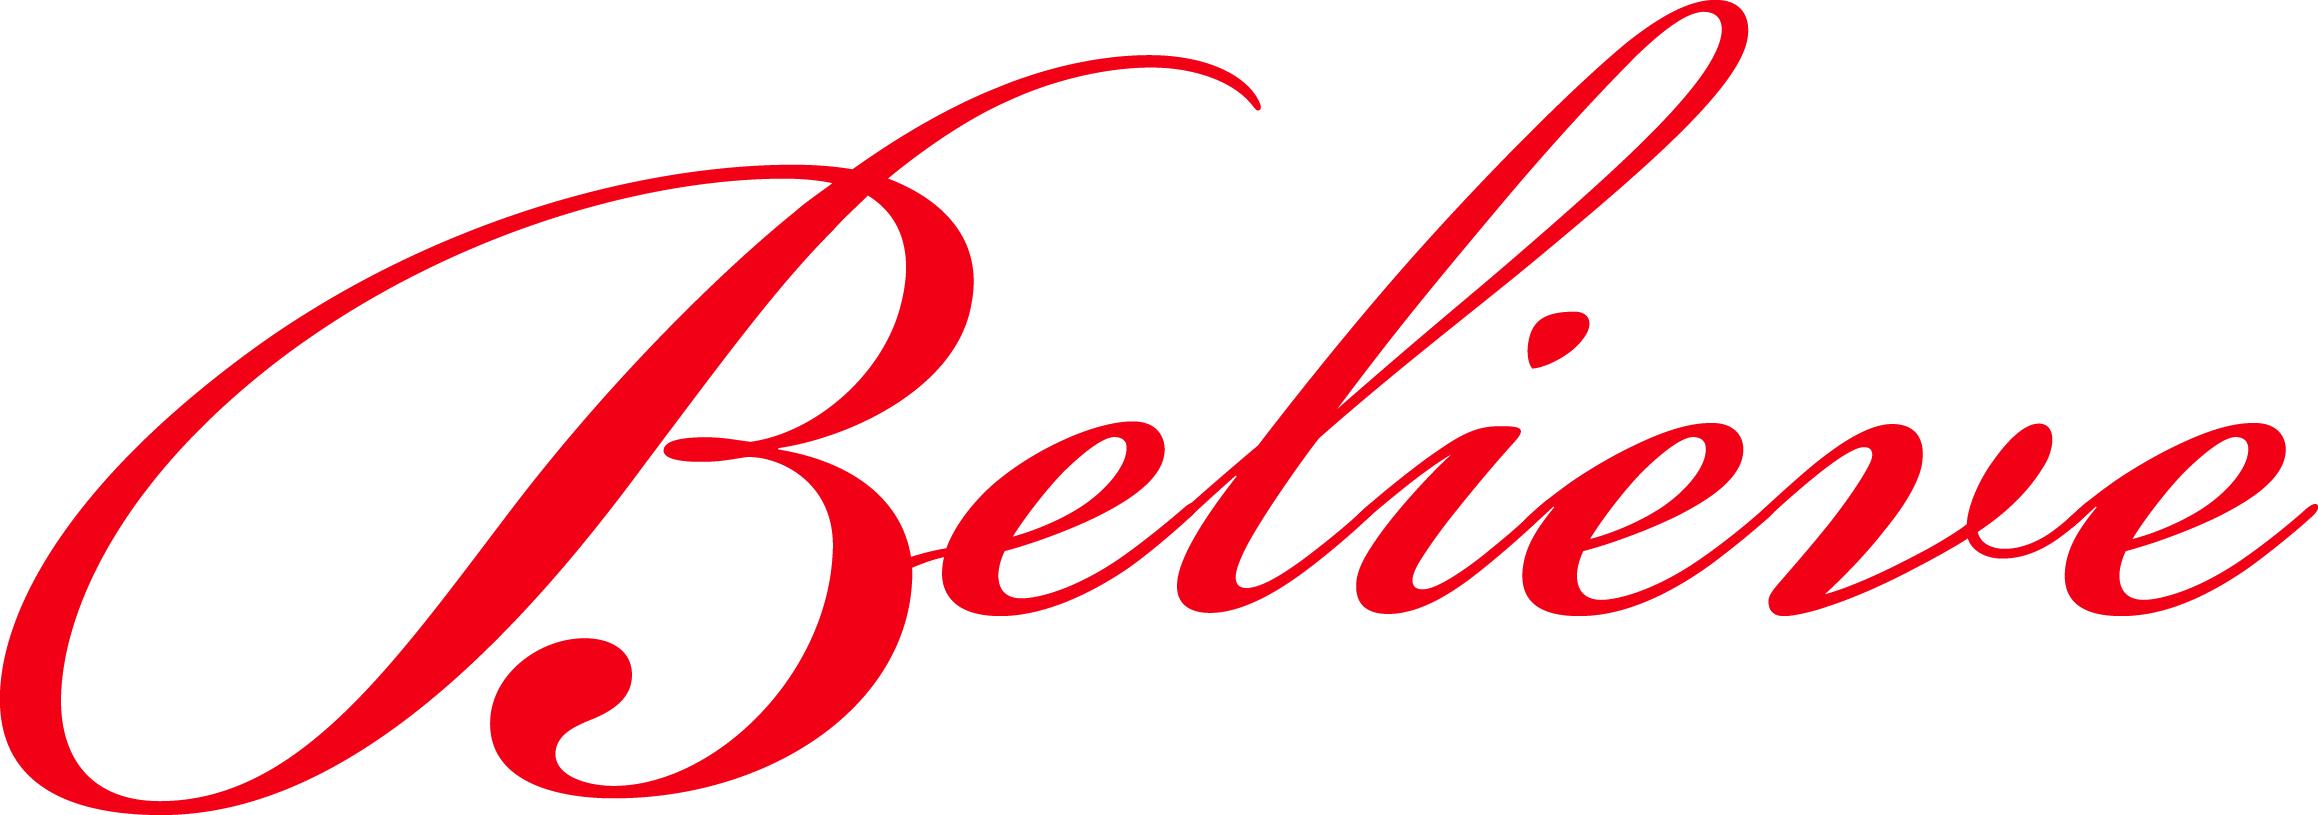 believe_logo